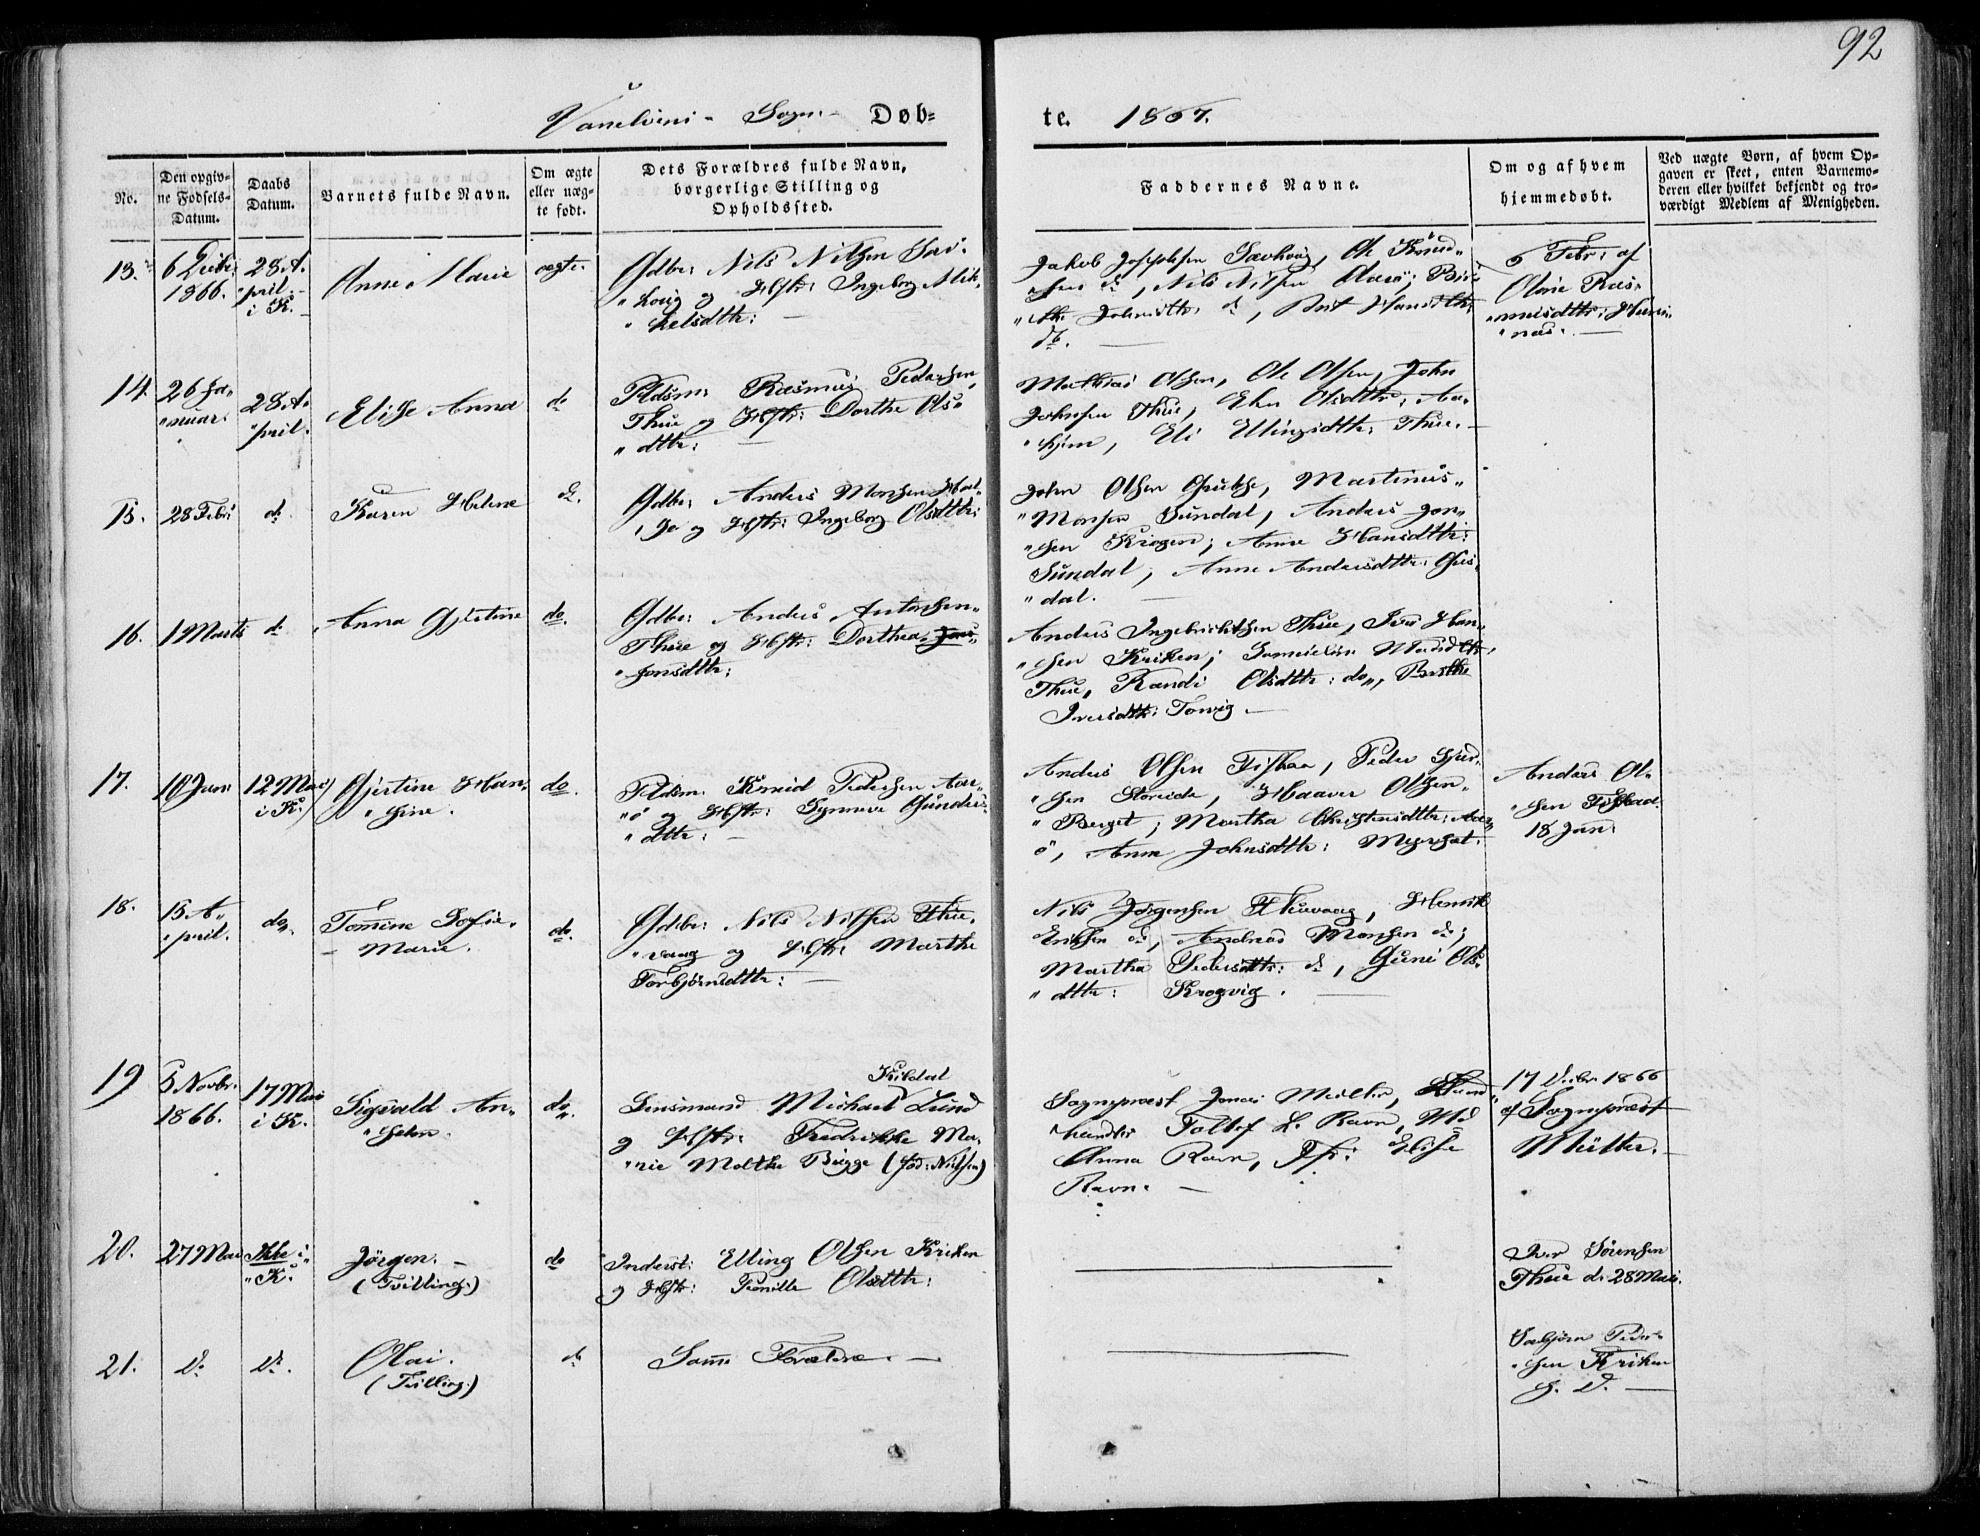 SAT, Ministerialprotokoller, klokkerbøker og fødselsregistre - Møre og Romsdal, 501/L0006: Ministerialbok nr. 501A06, 1844-1868, s. 92